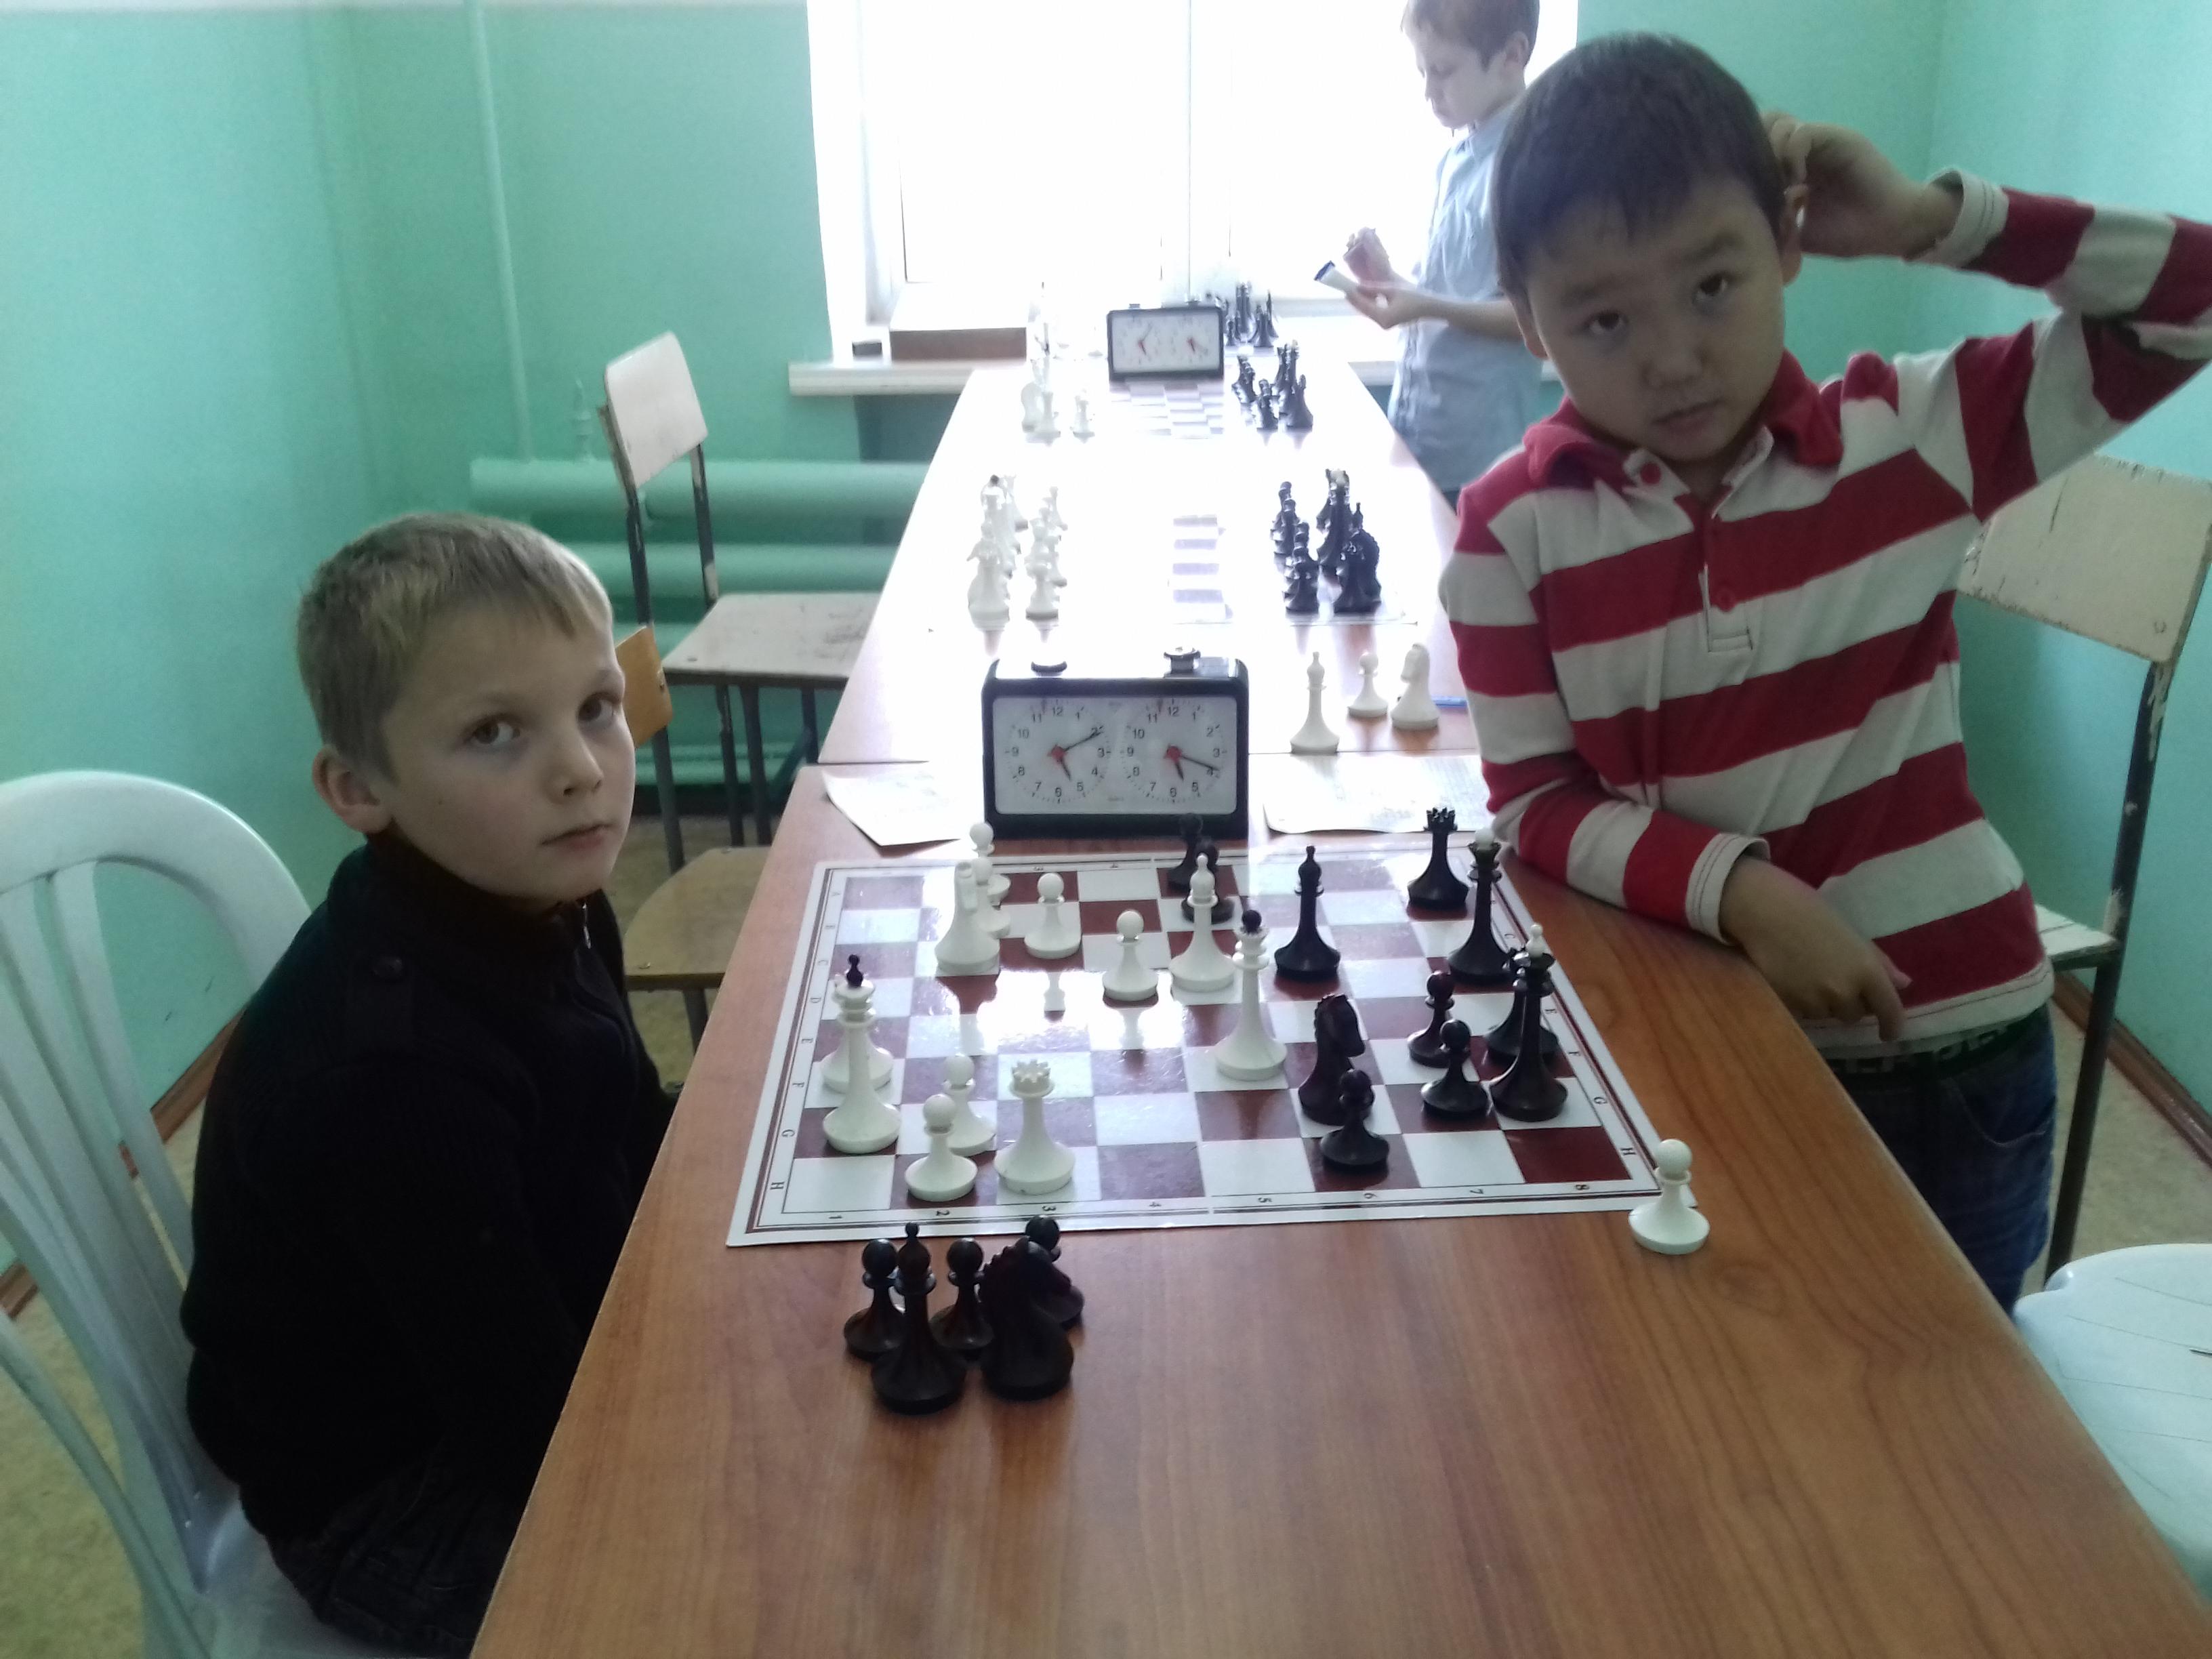 Поколение next! Айдар Кончук почесал затылок и нашёл победу против Льва Ильина.